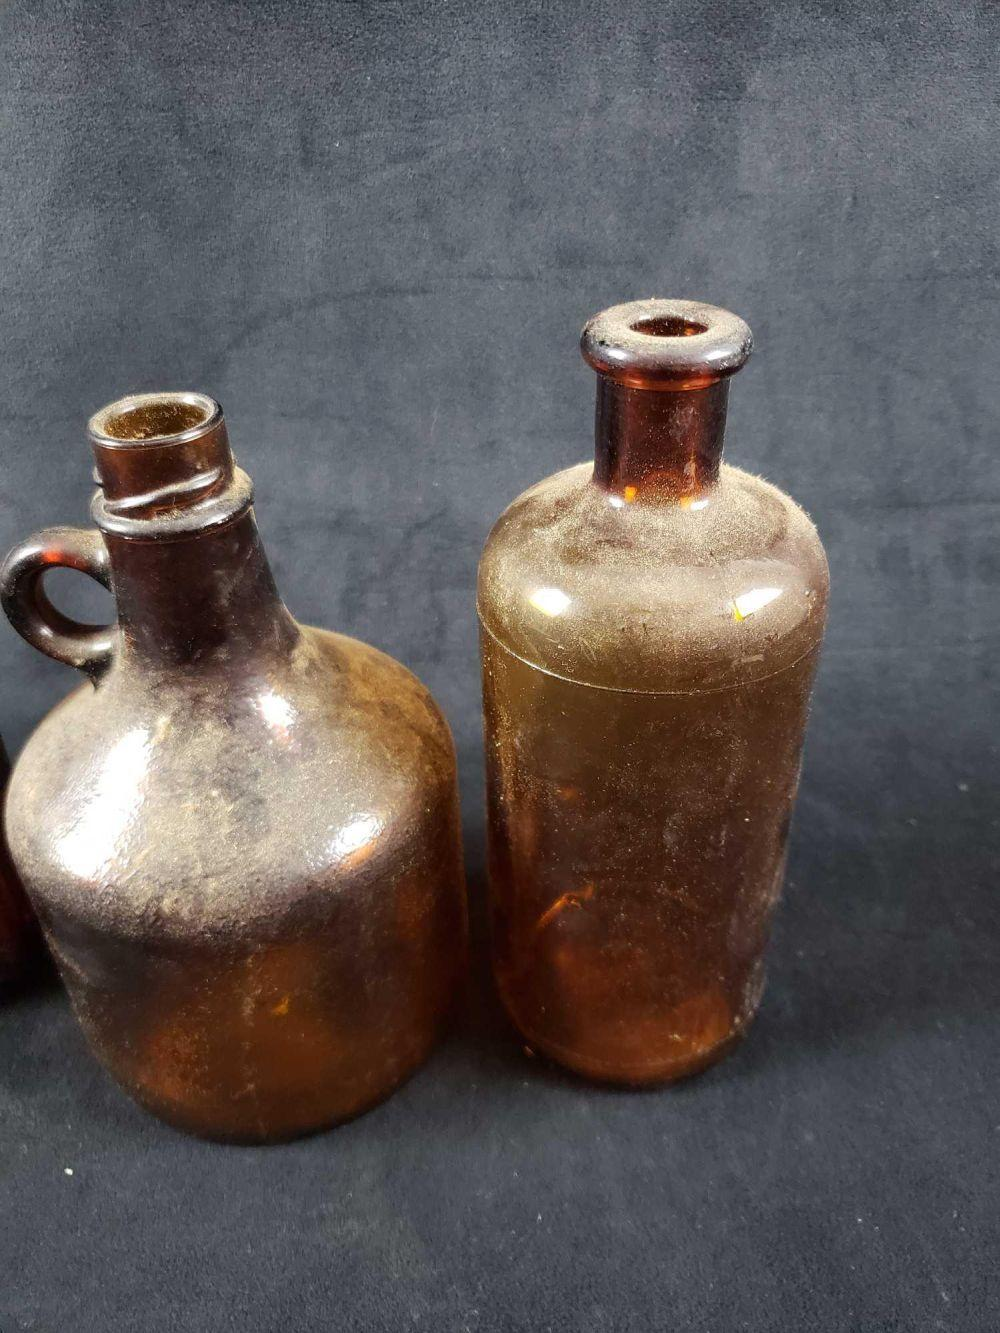 Lot 514: 5 Vintage Bottles